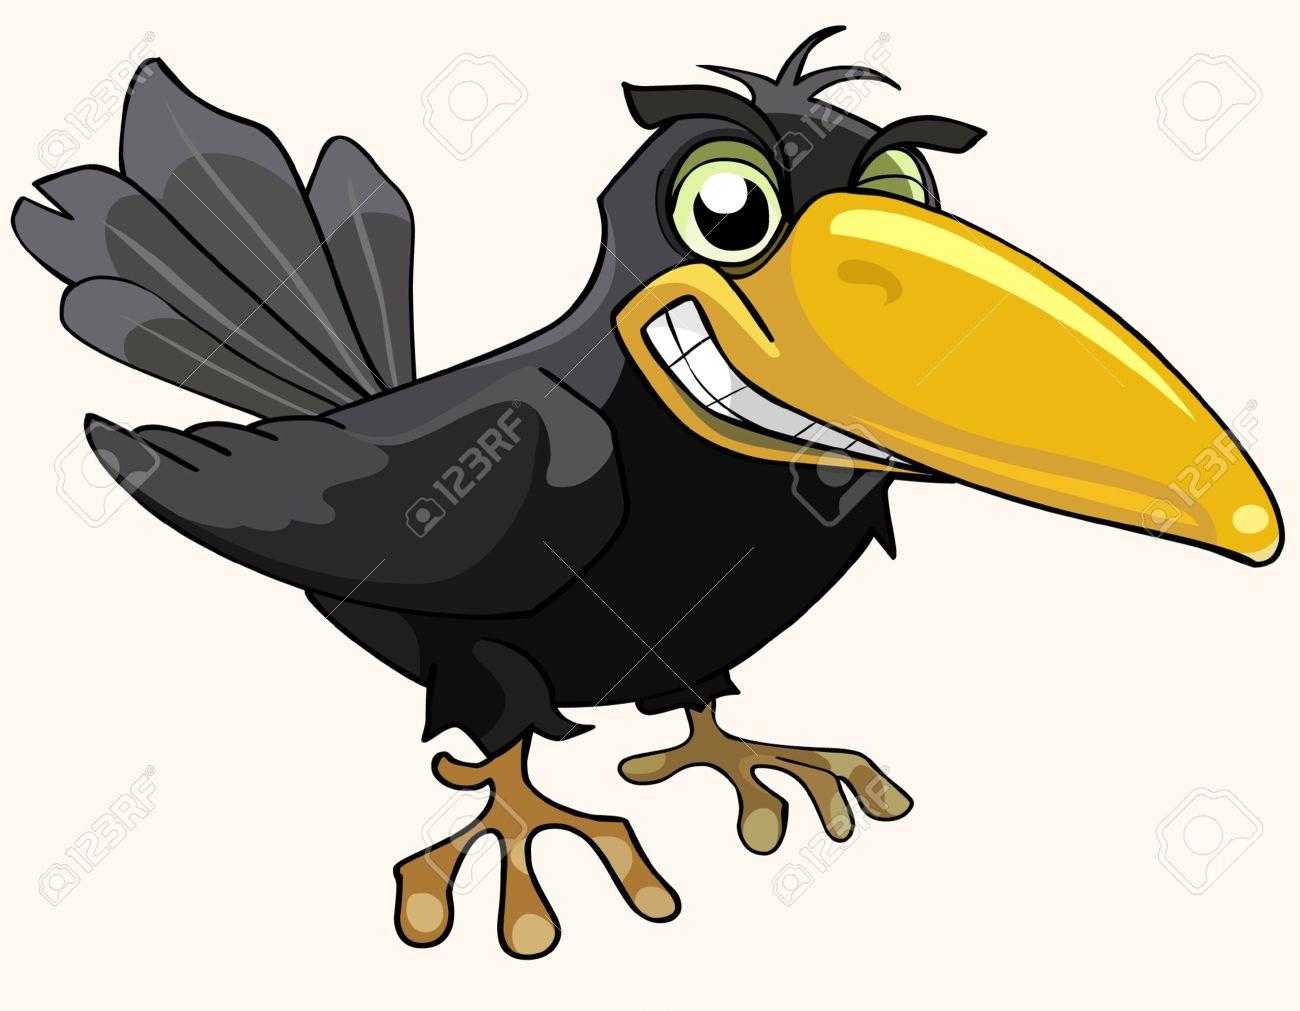 Historieta Del Pájaro Enojado Cuervo Sonriendo Ilustraciones ...